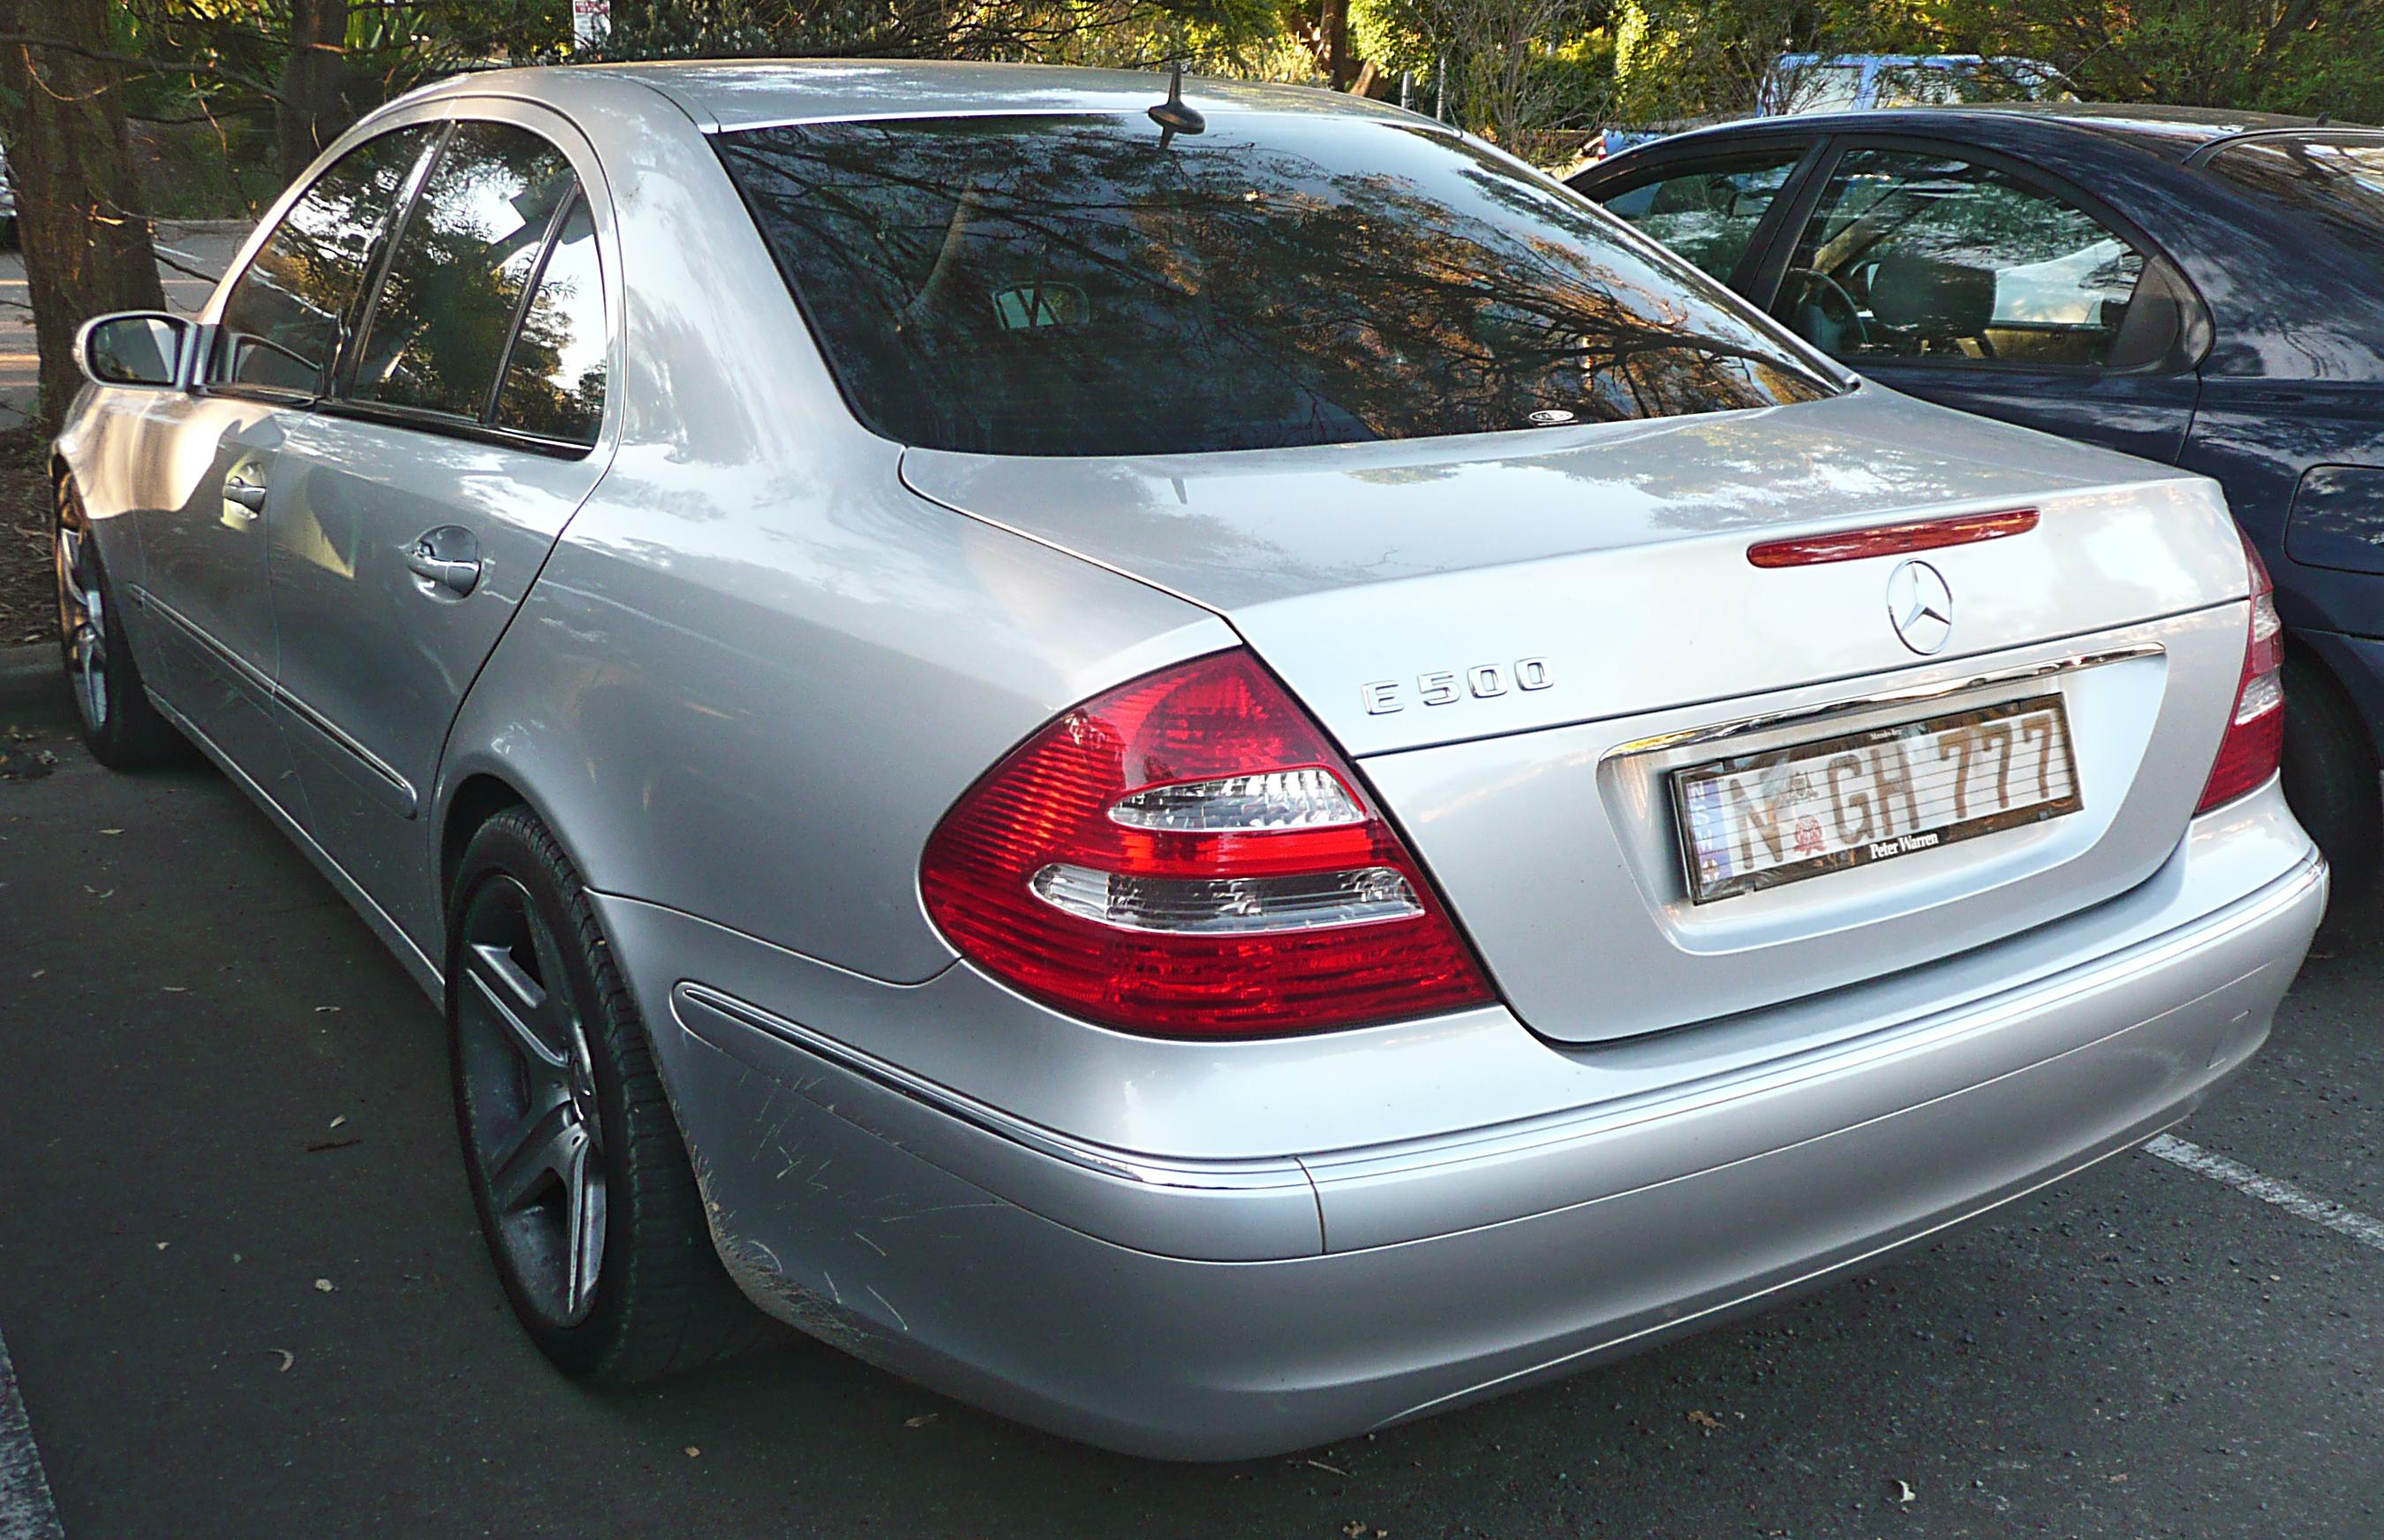 Mercedes benz e500 reviews mercedes benz e500 car reviews for Mercedes benz e500 coupe